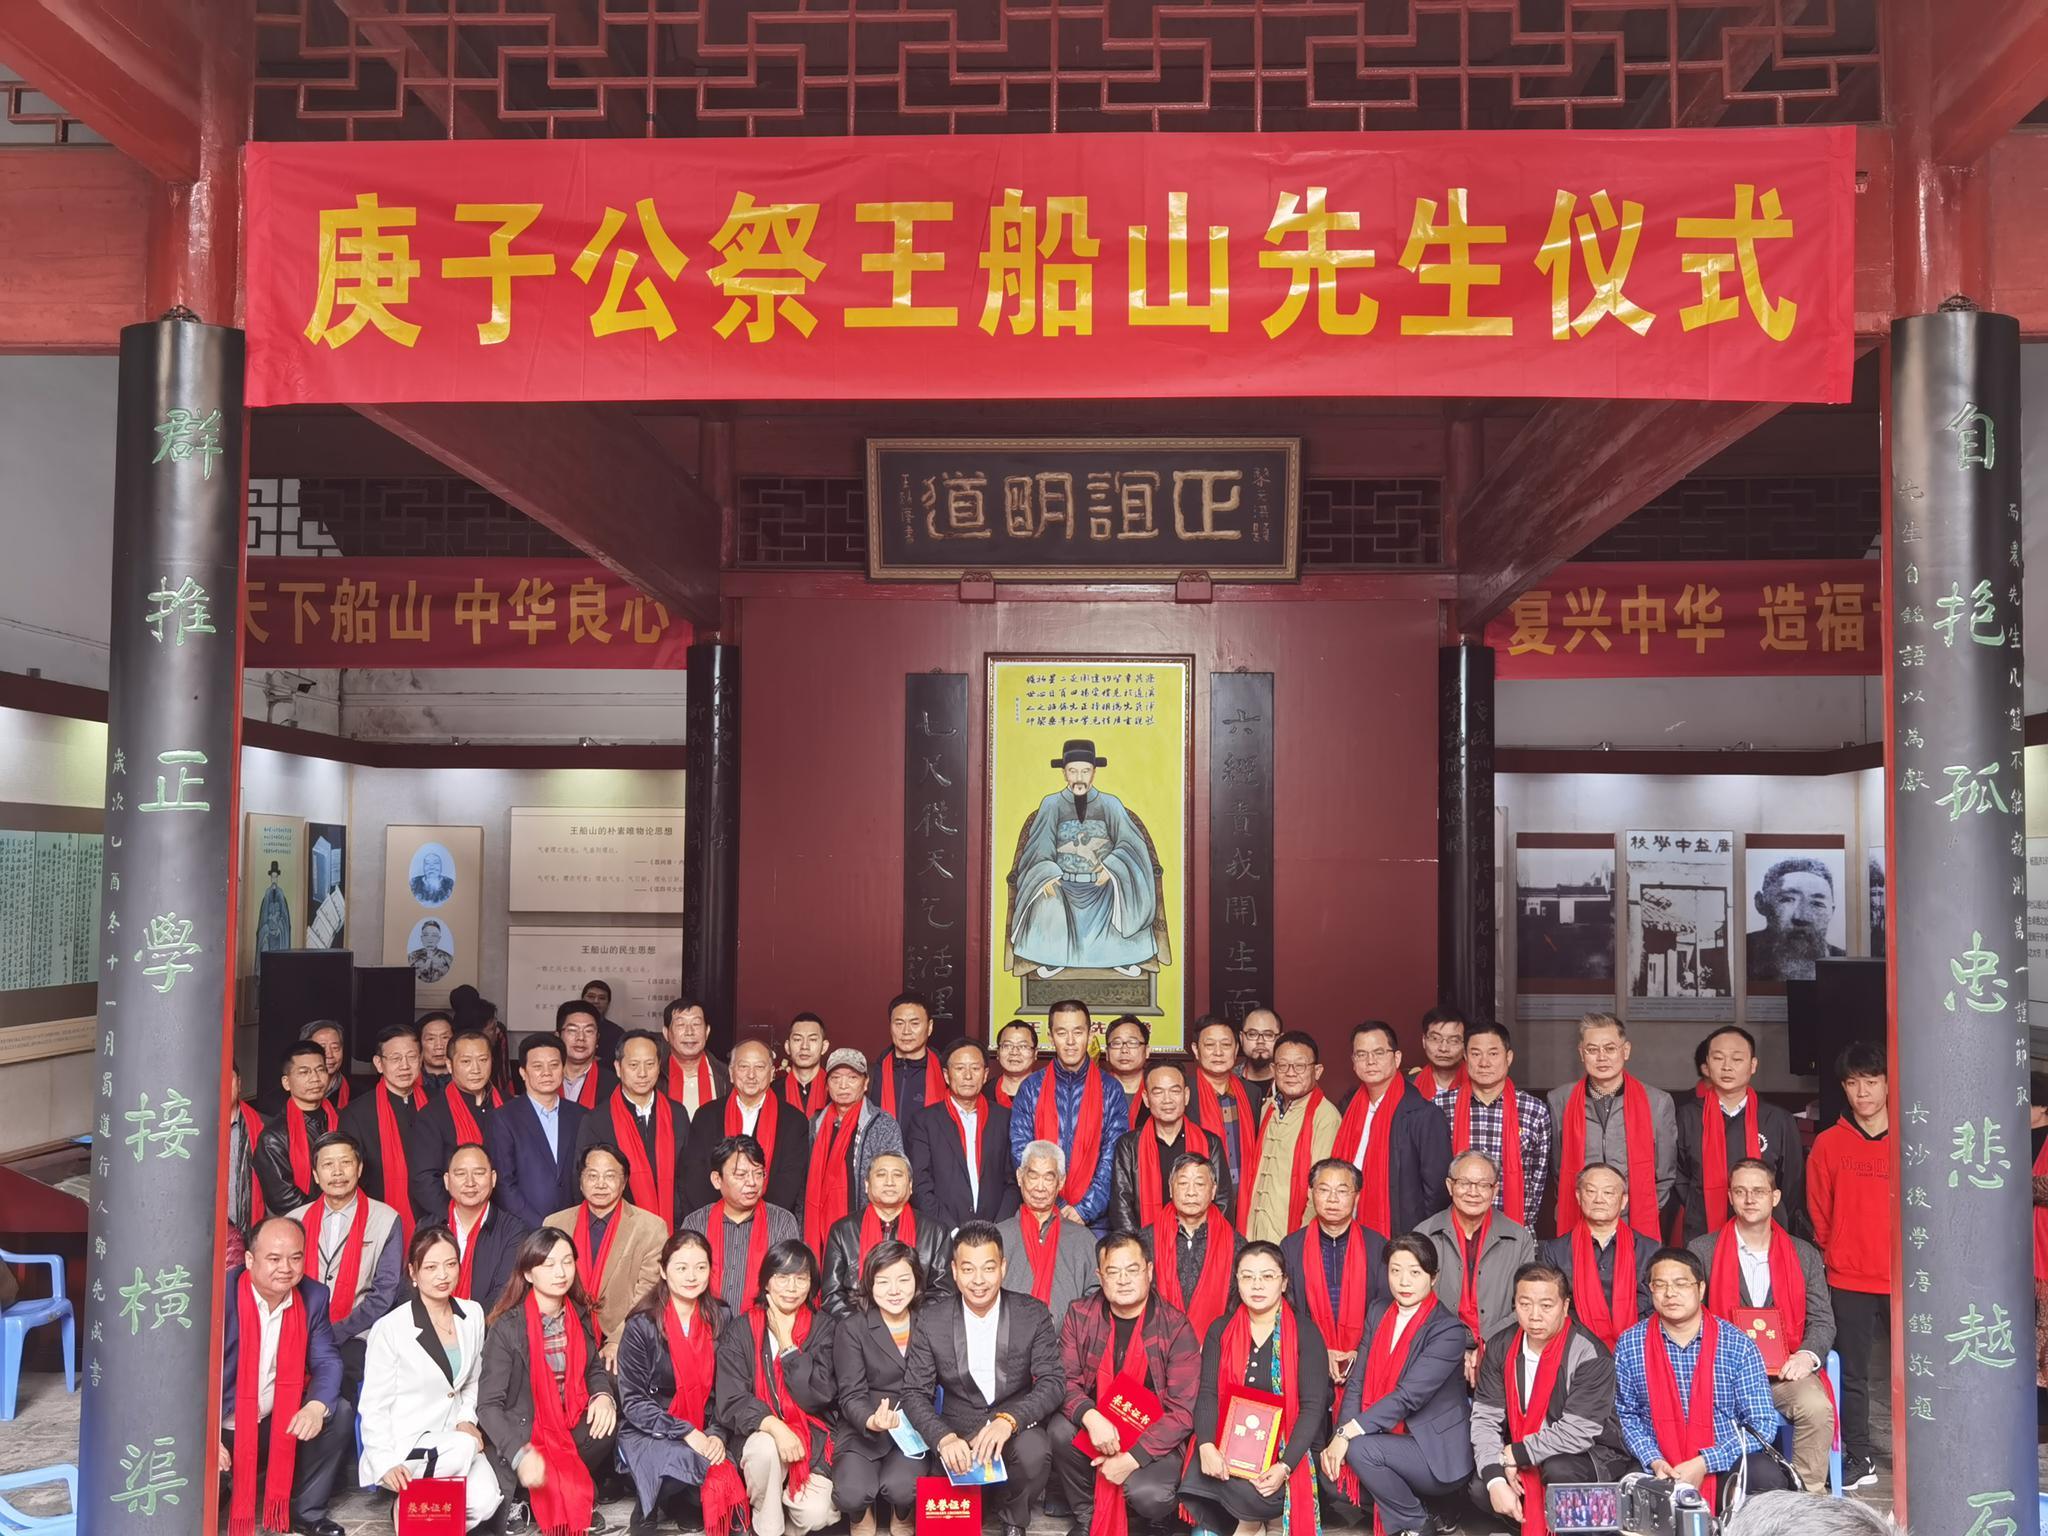 纪念湖湘文化的精神符,湖南各界人士公祭王船山